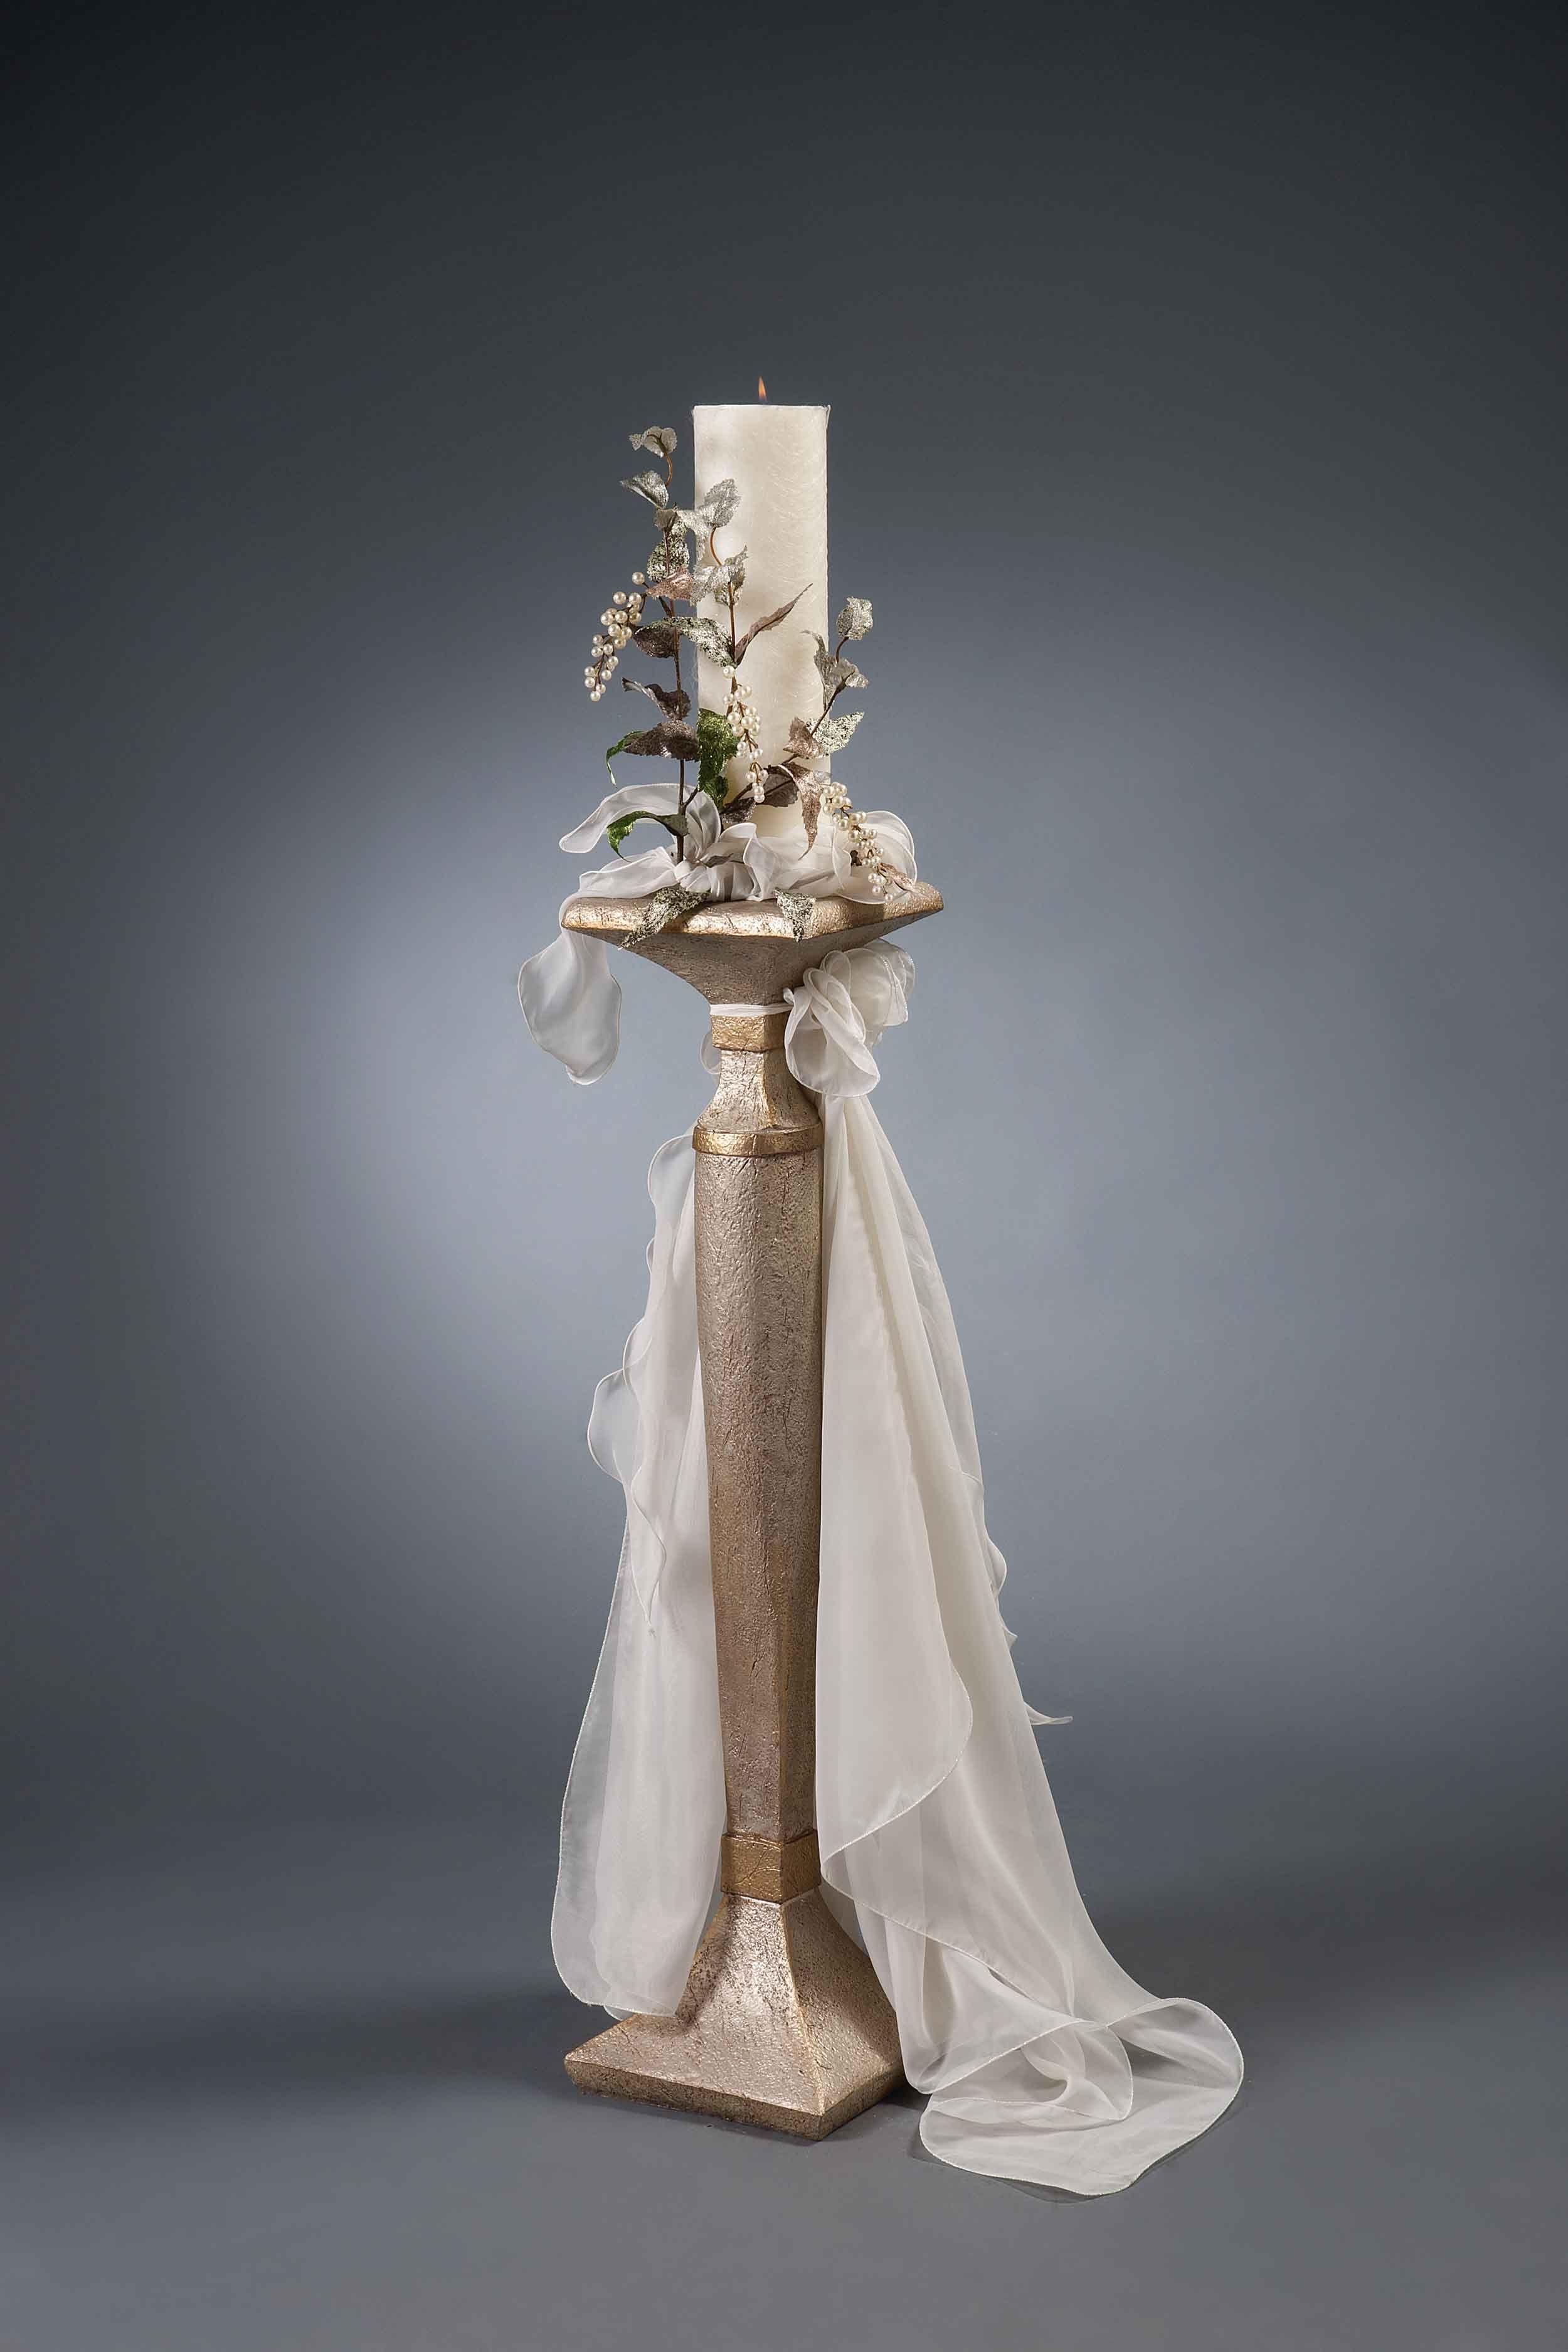 Λαμπάδες γάμου MELITA B - Είδη γάμου & βάπτισης, μπομπονιέρες γάμου   tornaris-rina.gr